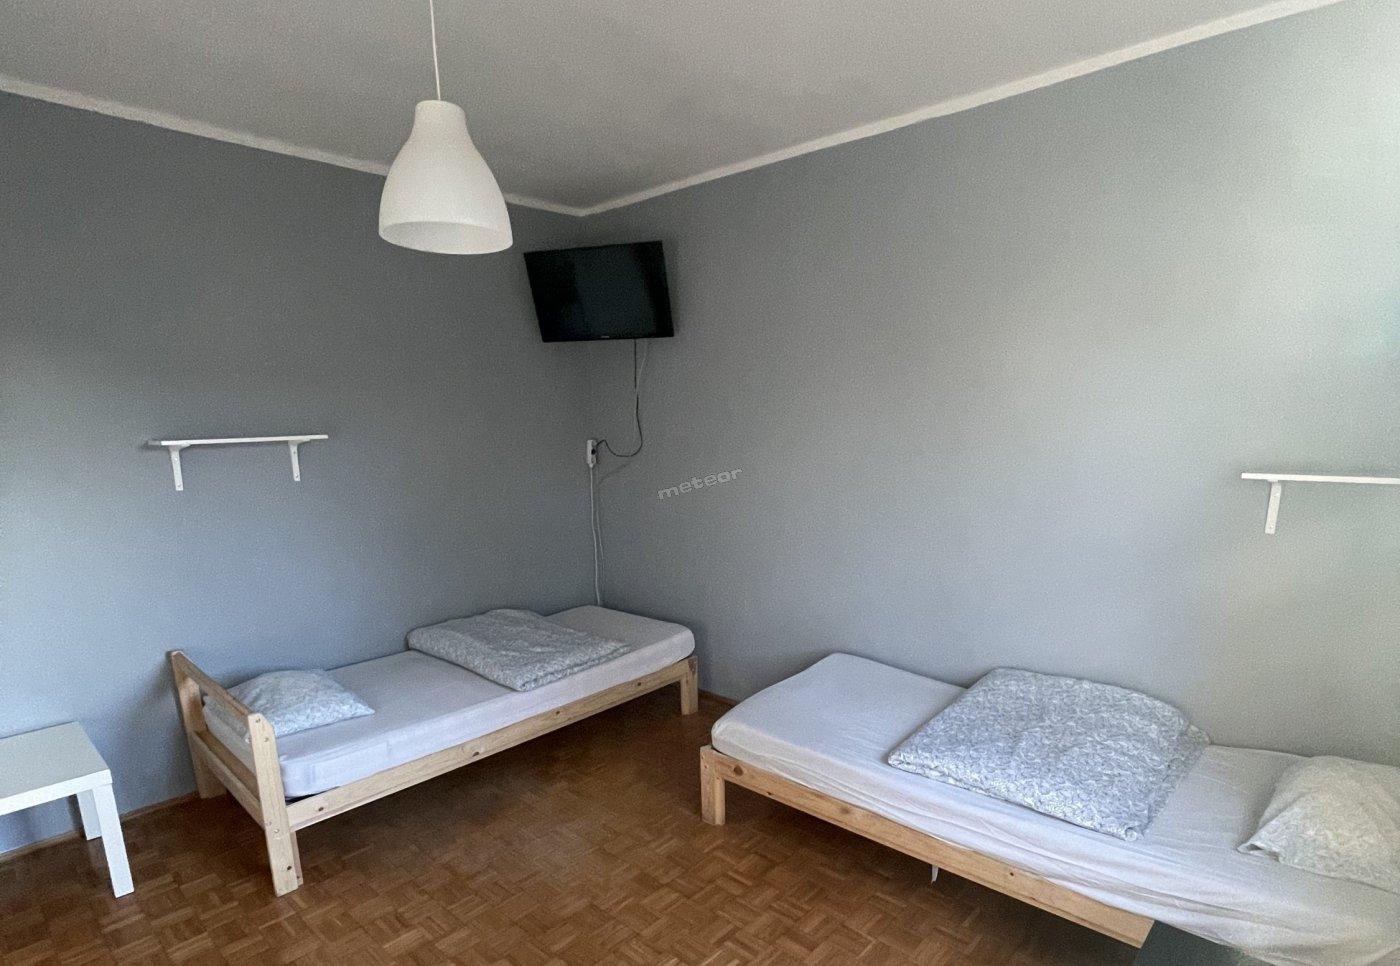 Pokoje dla Firm tanienocowaniewarszawa.pl